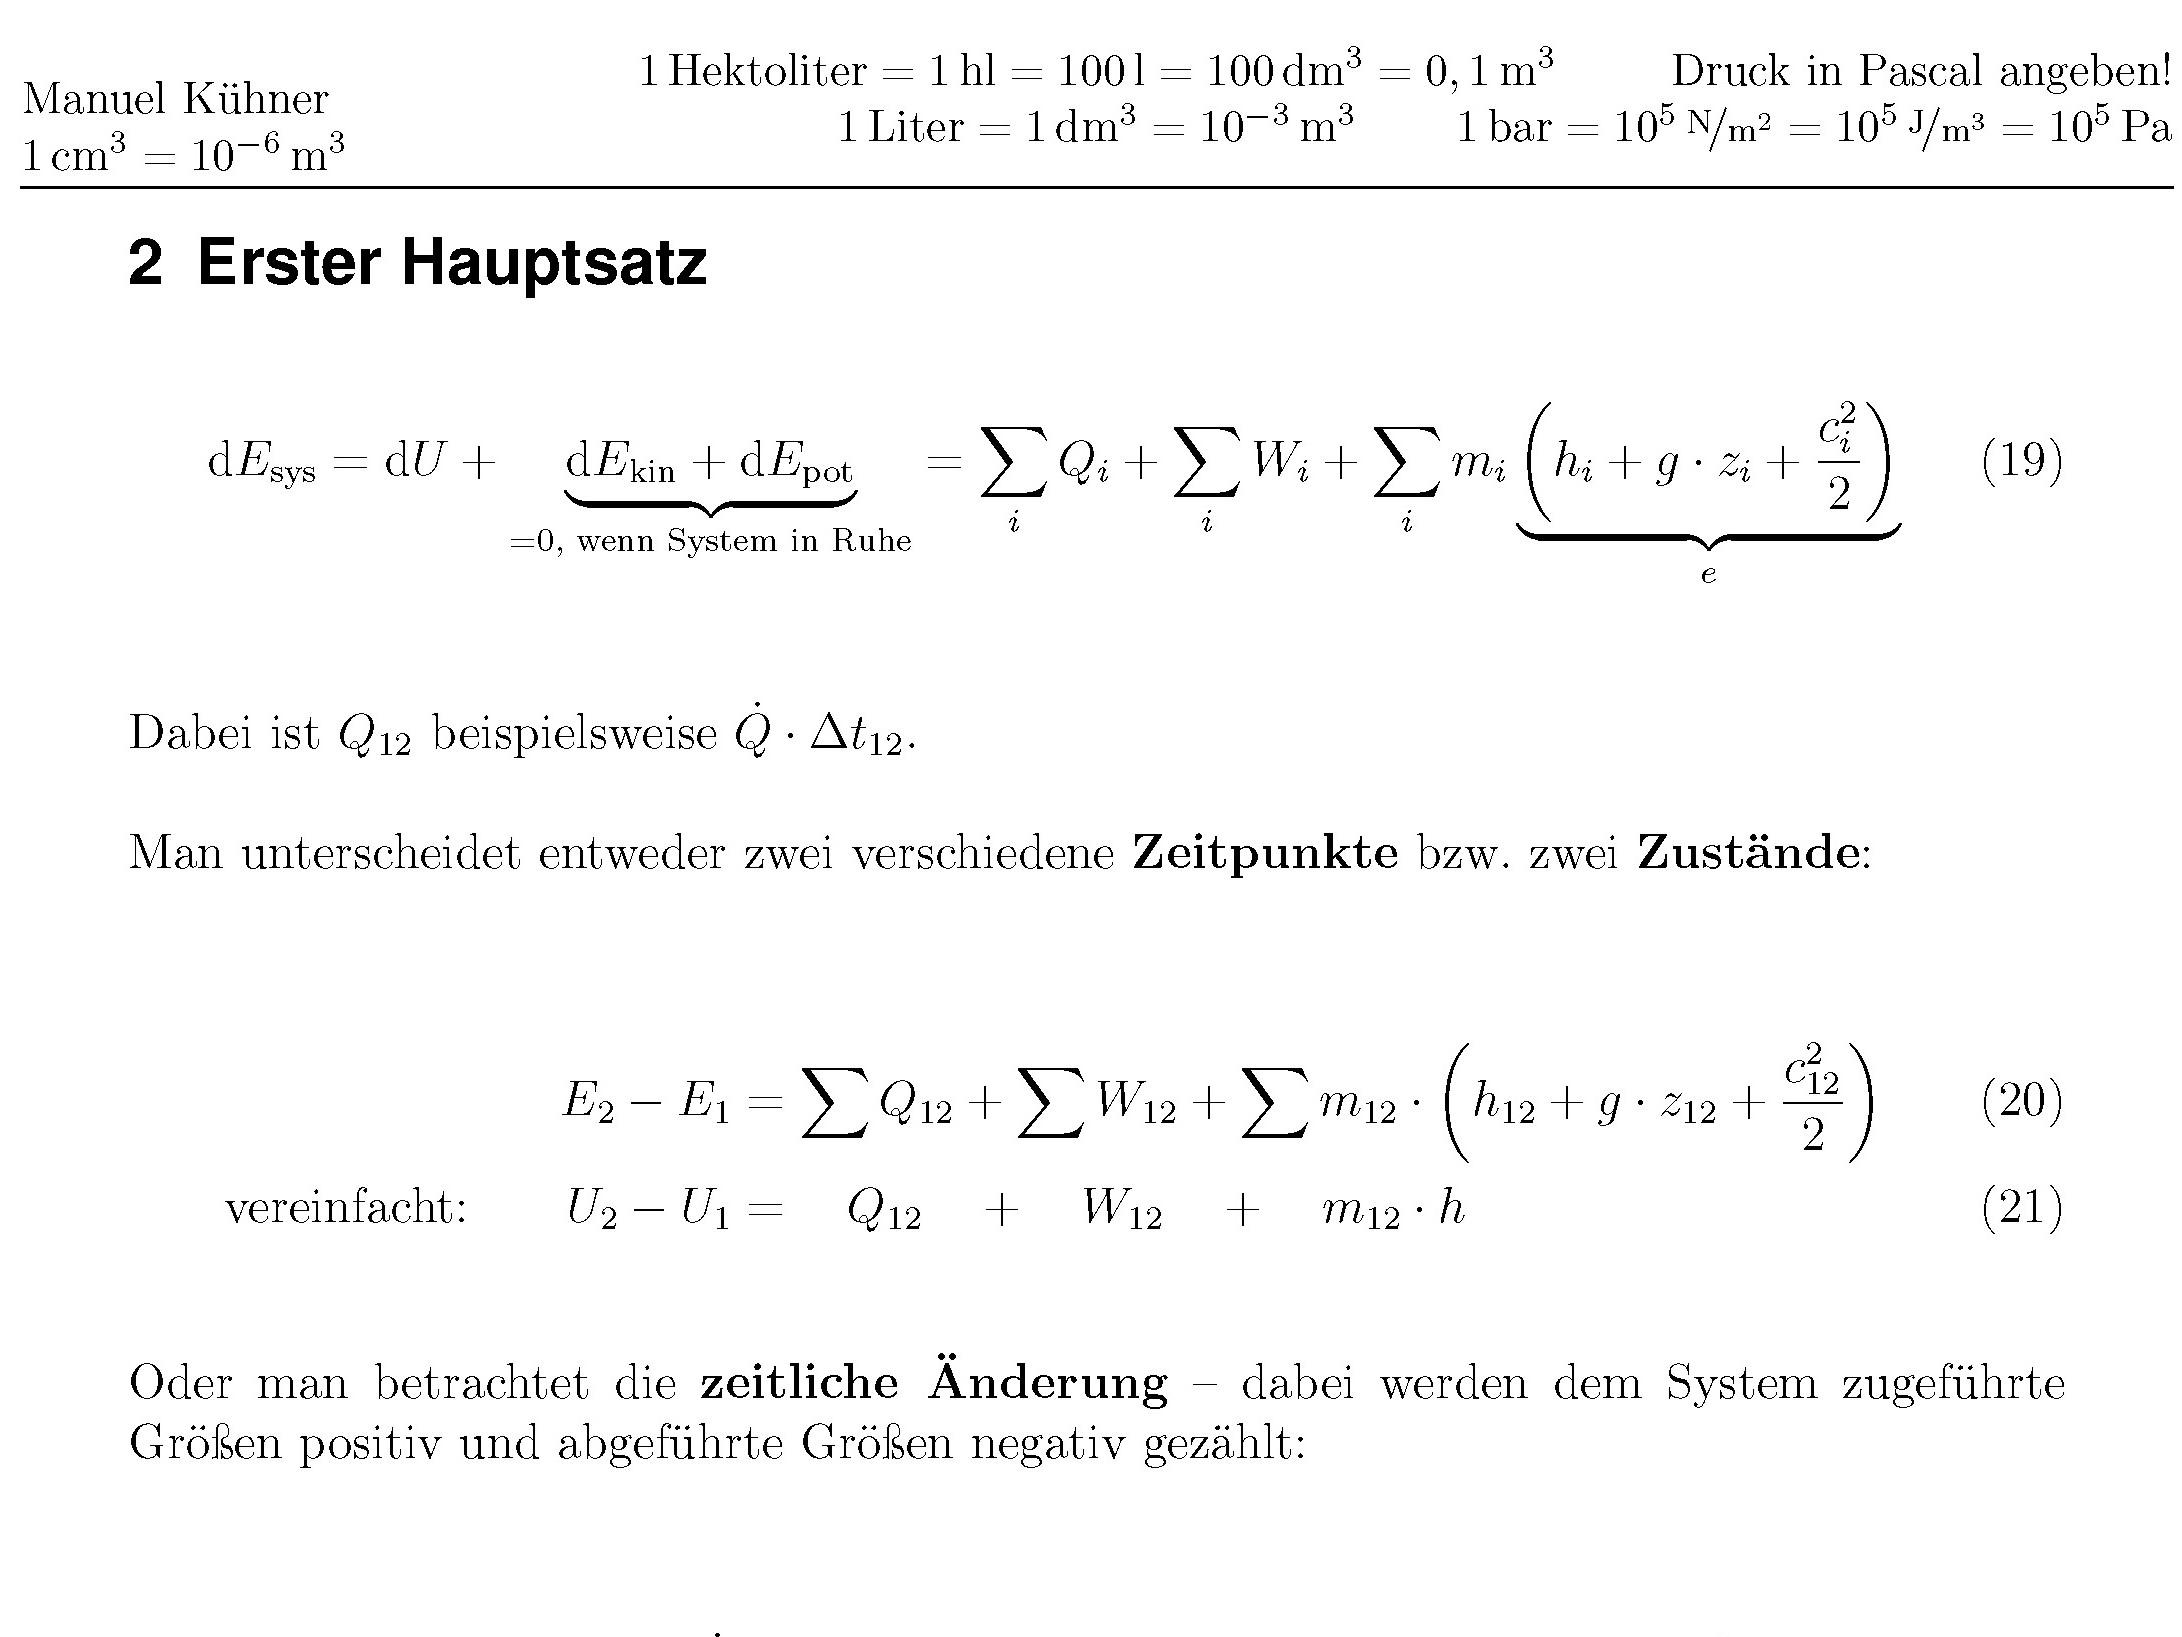 Auszug aus der Formelsammlung für die Vorlesung Thermodynamik 1 (TUM) - gezeigt wird der erste Hauptsatz (Energieerhaltung)